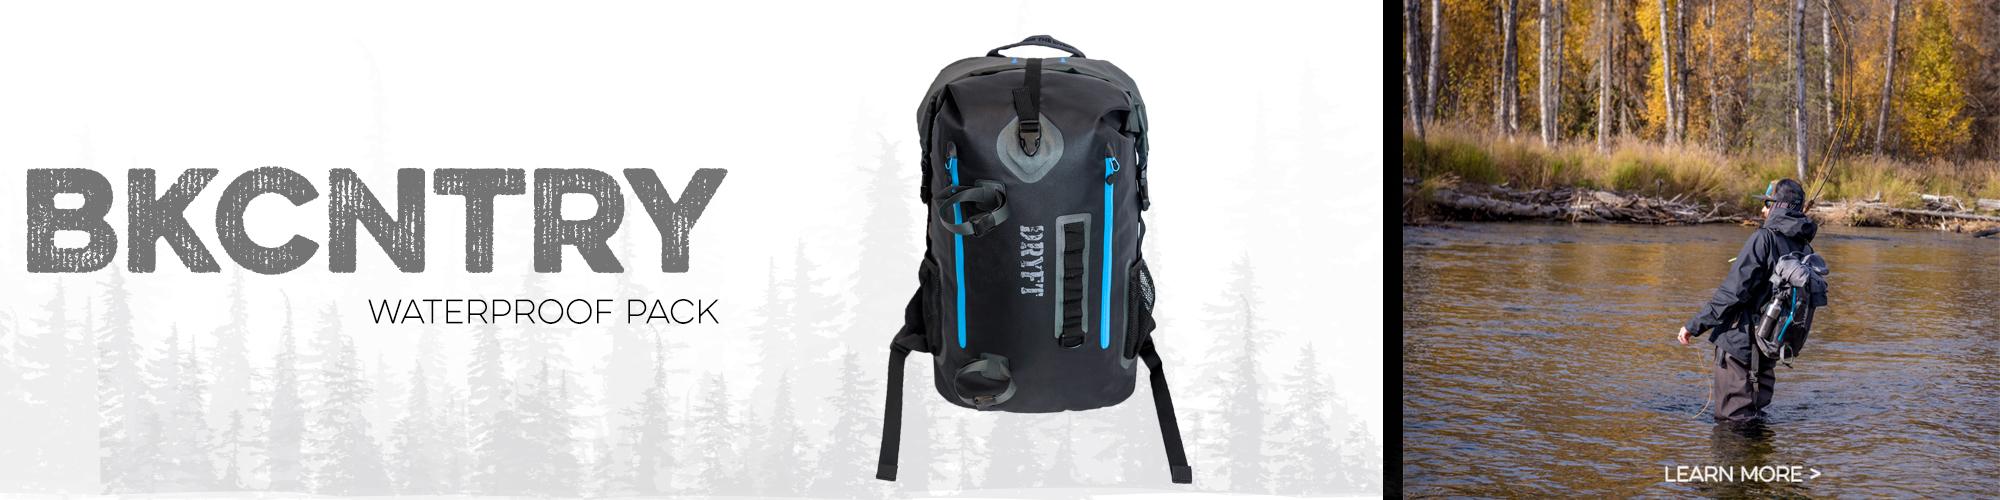 DRYFT BKCNTRY waterproof fishing backpack